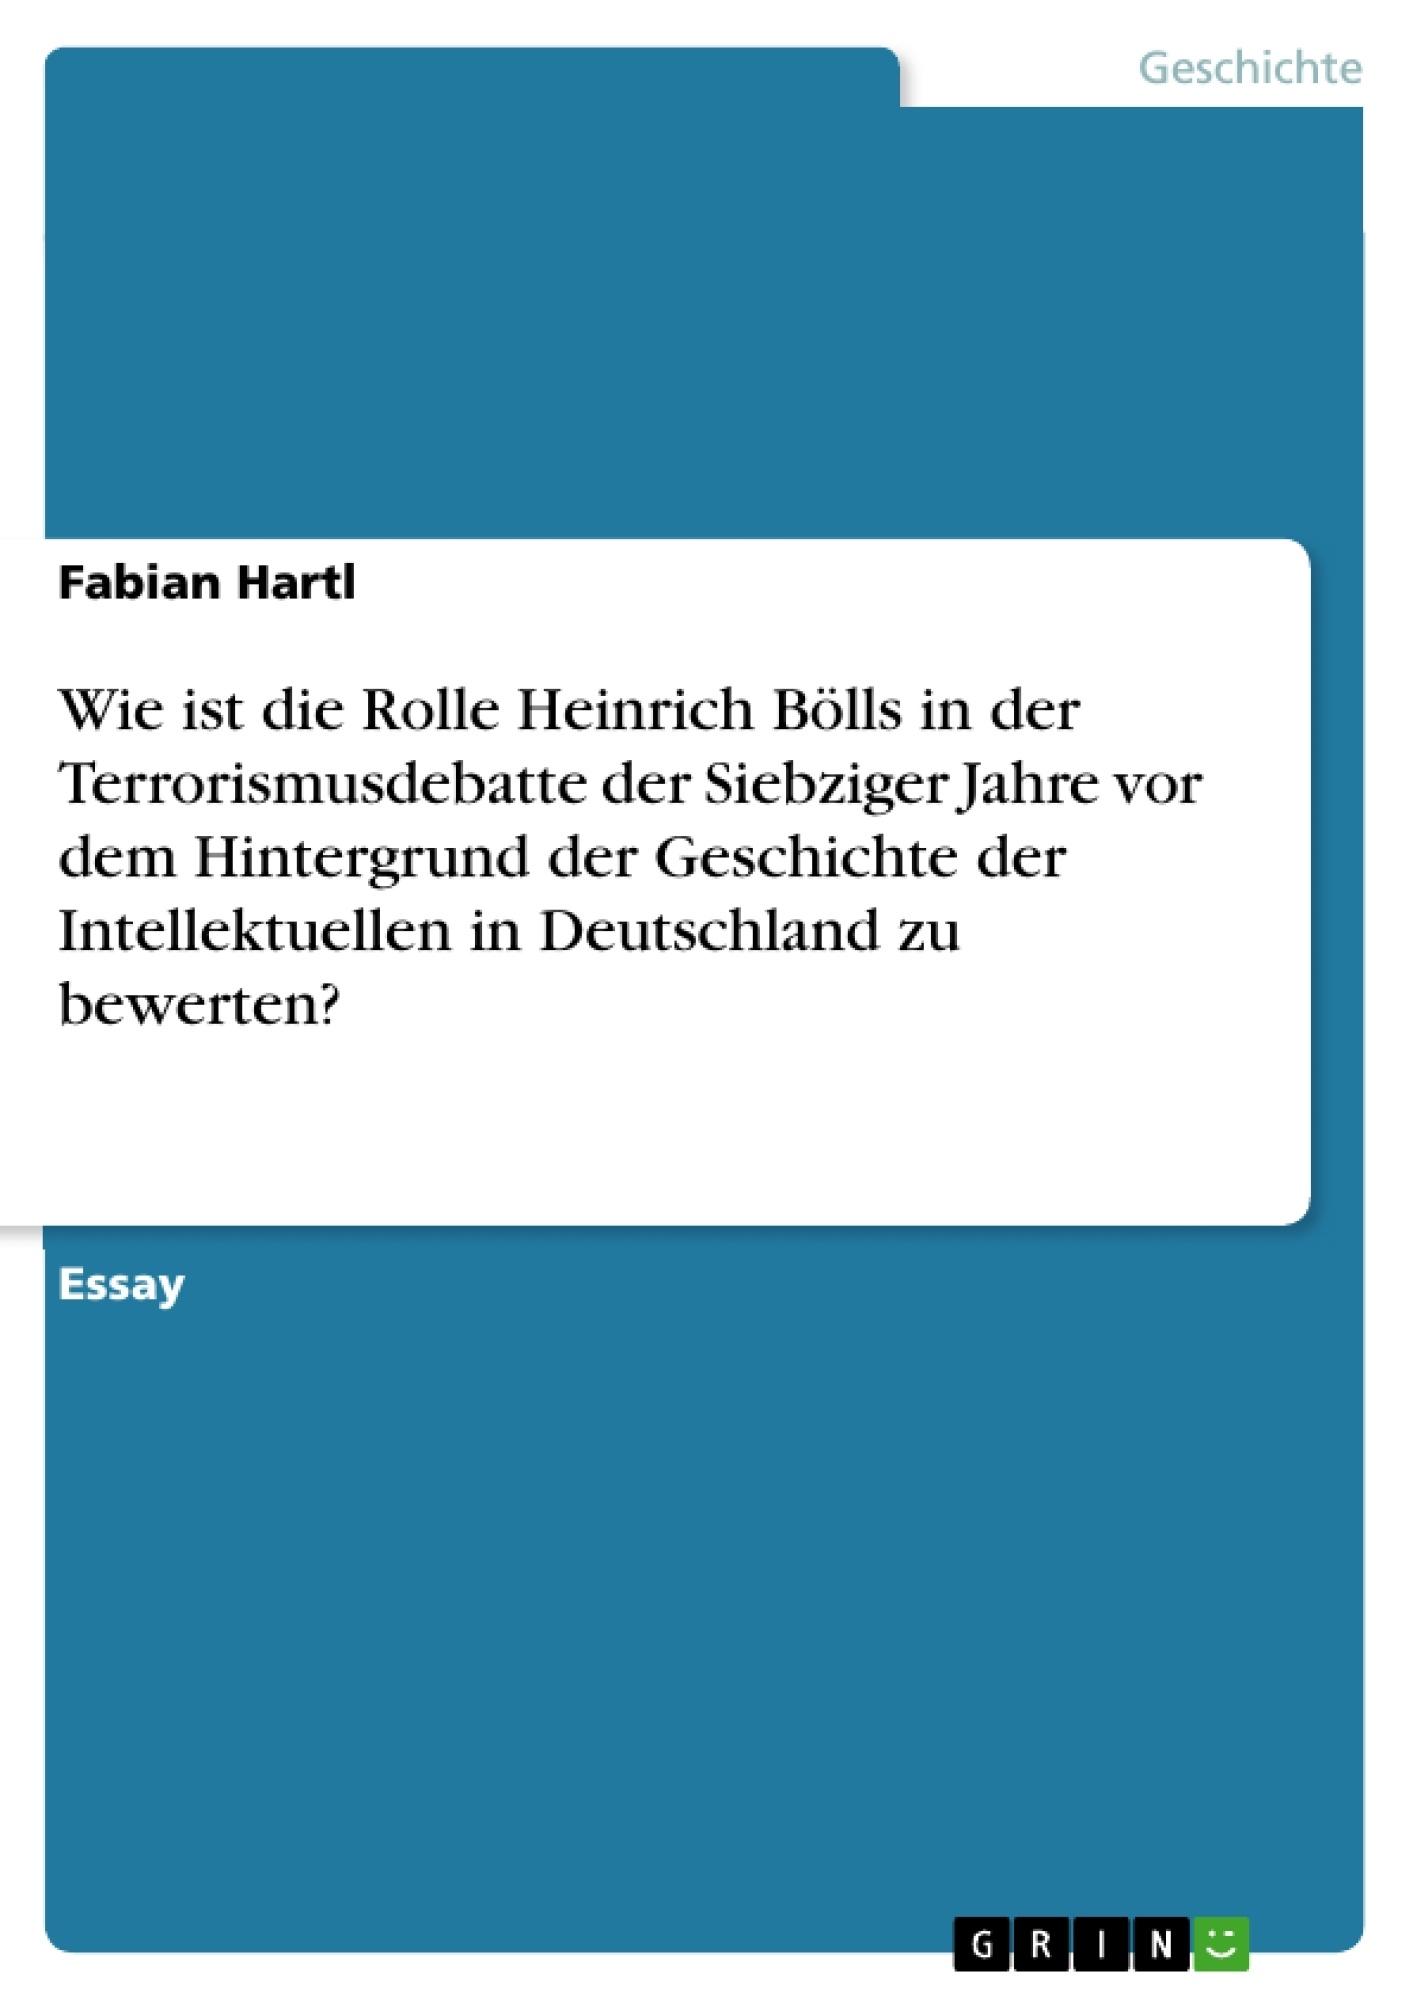 Titel: Wie ist die Rolle Heinrich Bölls in der Terrorismusdebatte der Siebziger Jahre vor dem Hintergrund der Geschichte der Intellektuellen in Deutschland zu bewerten?